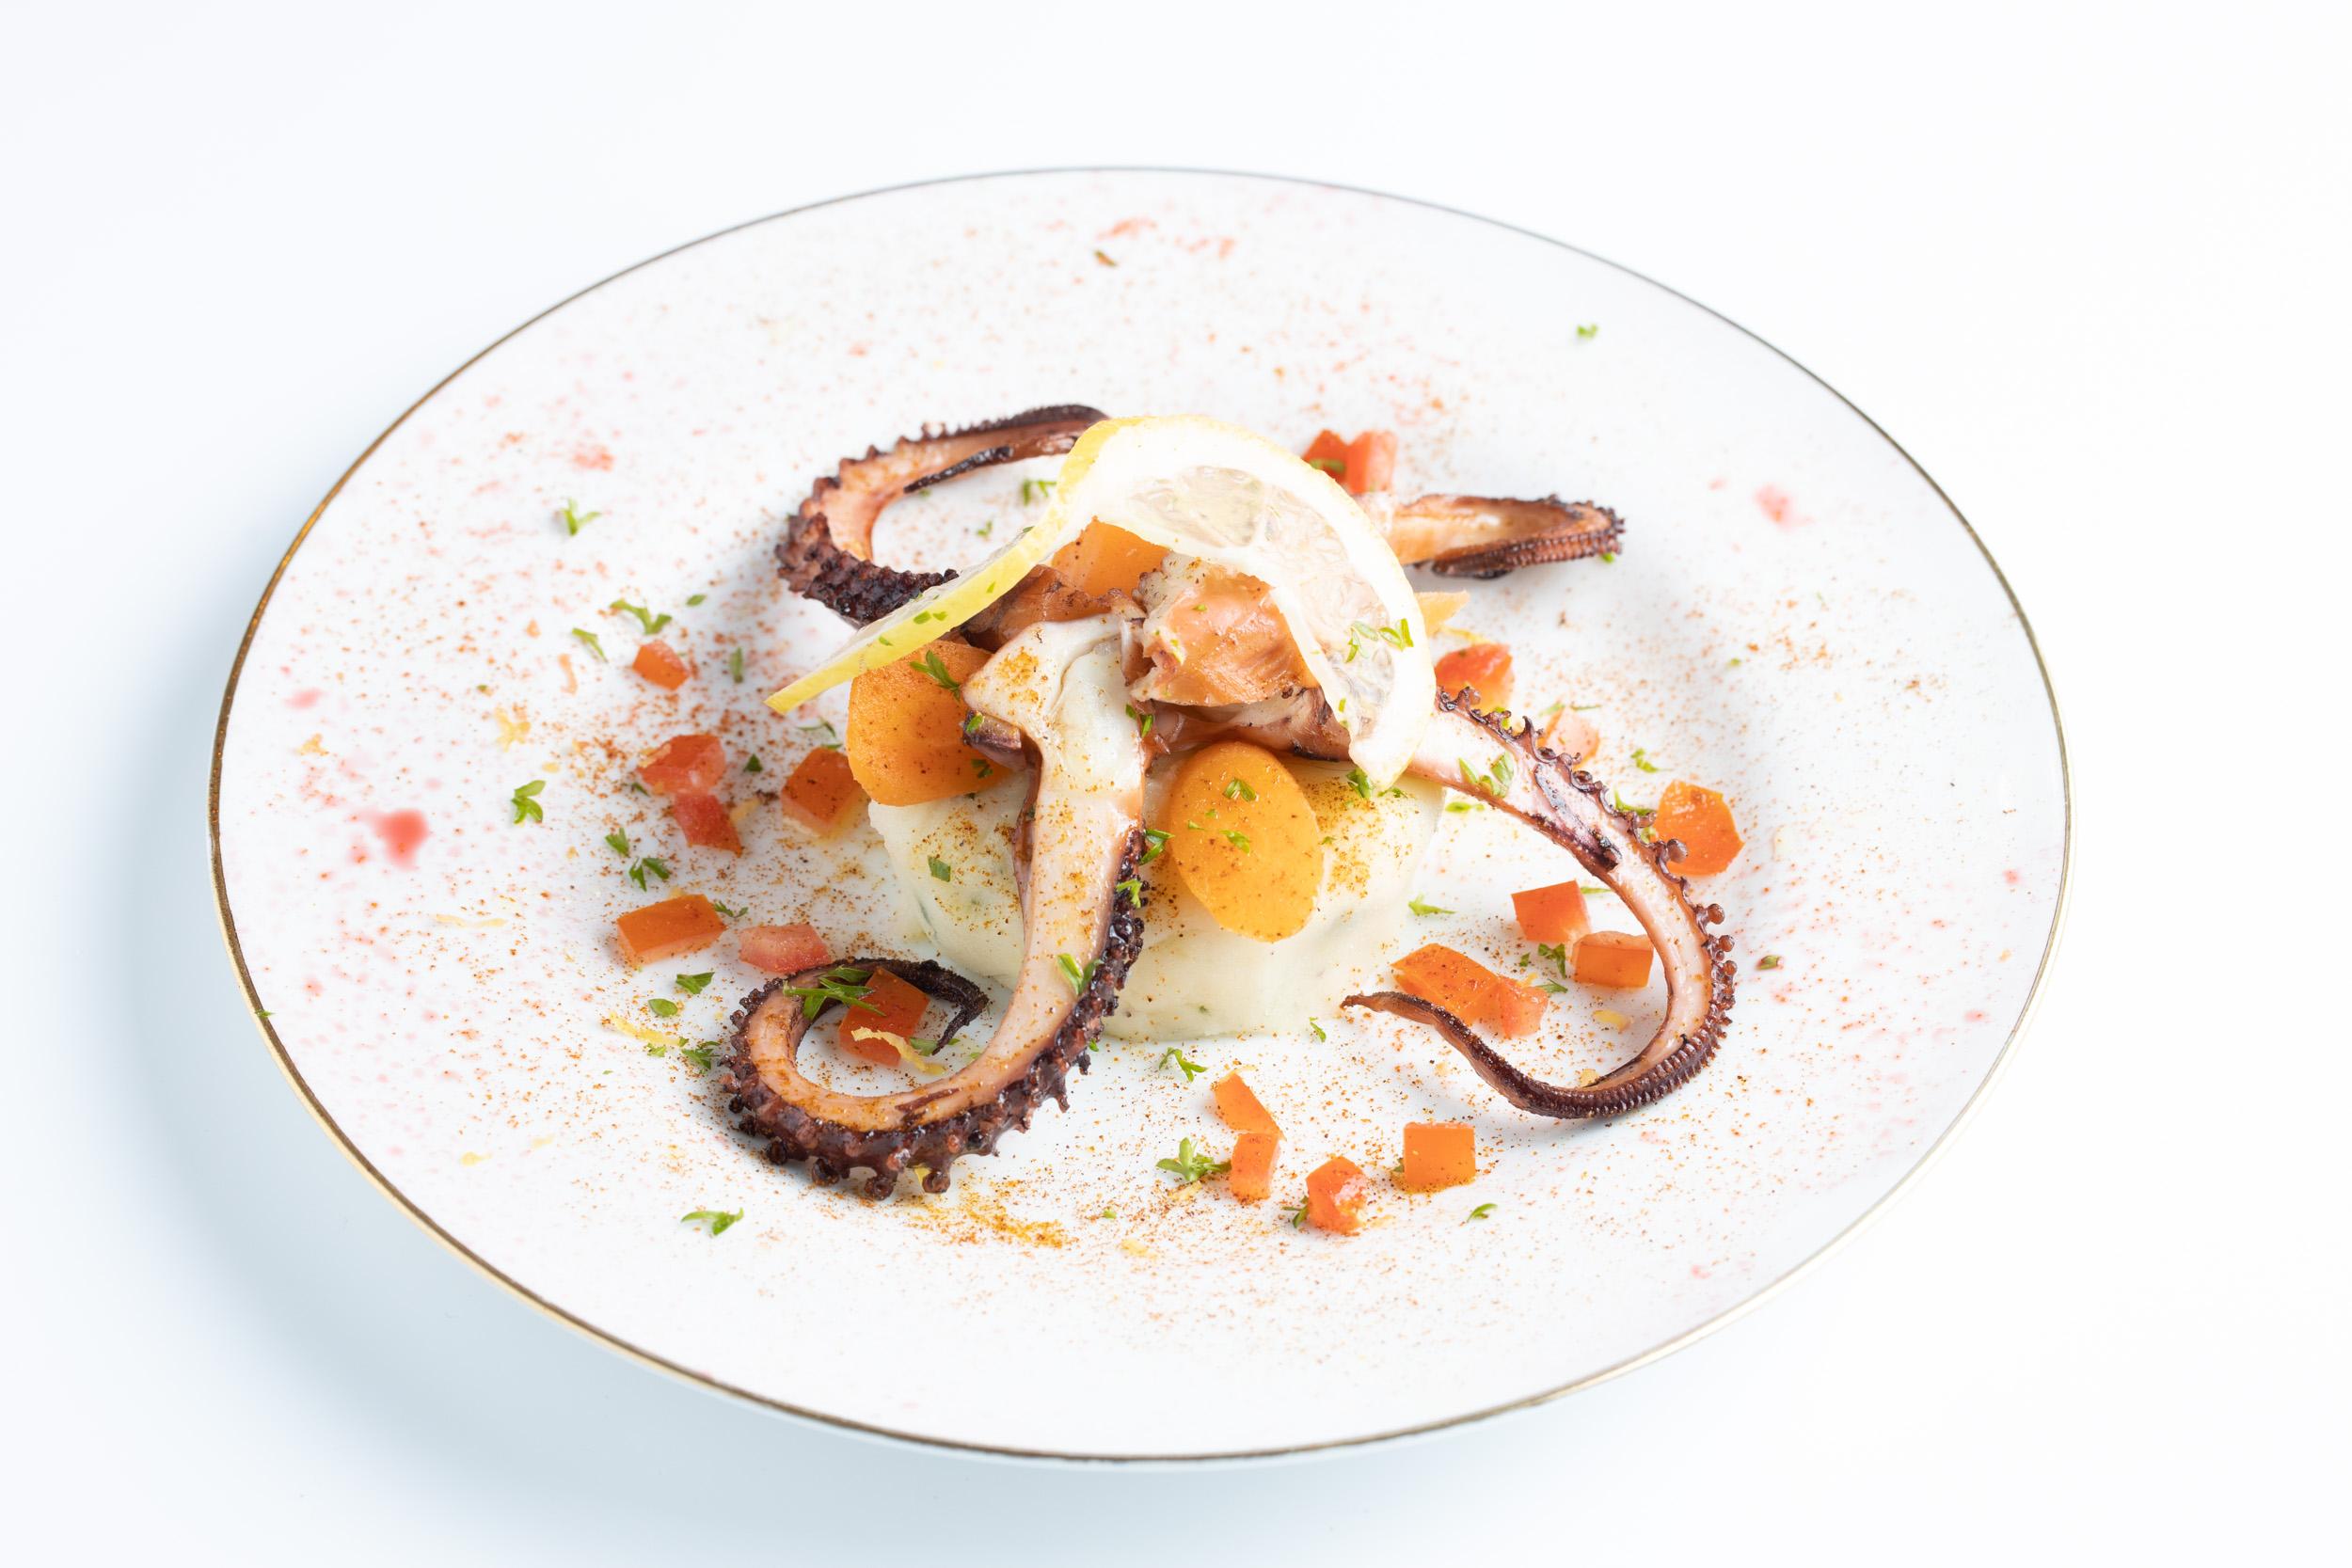 fotografo food ristorante